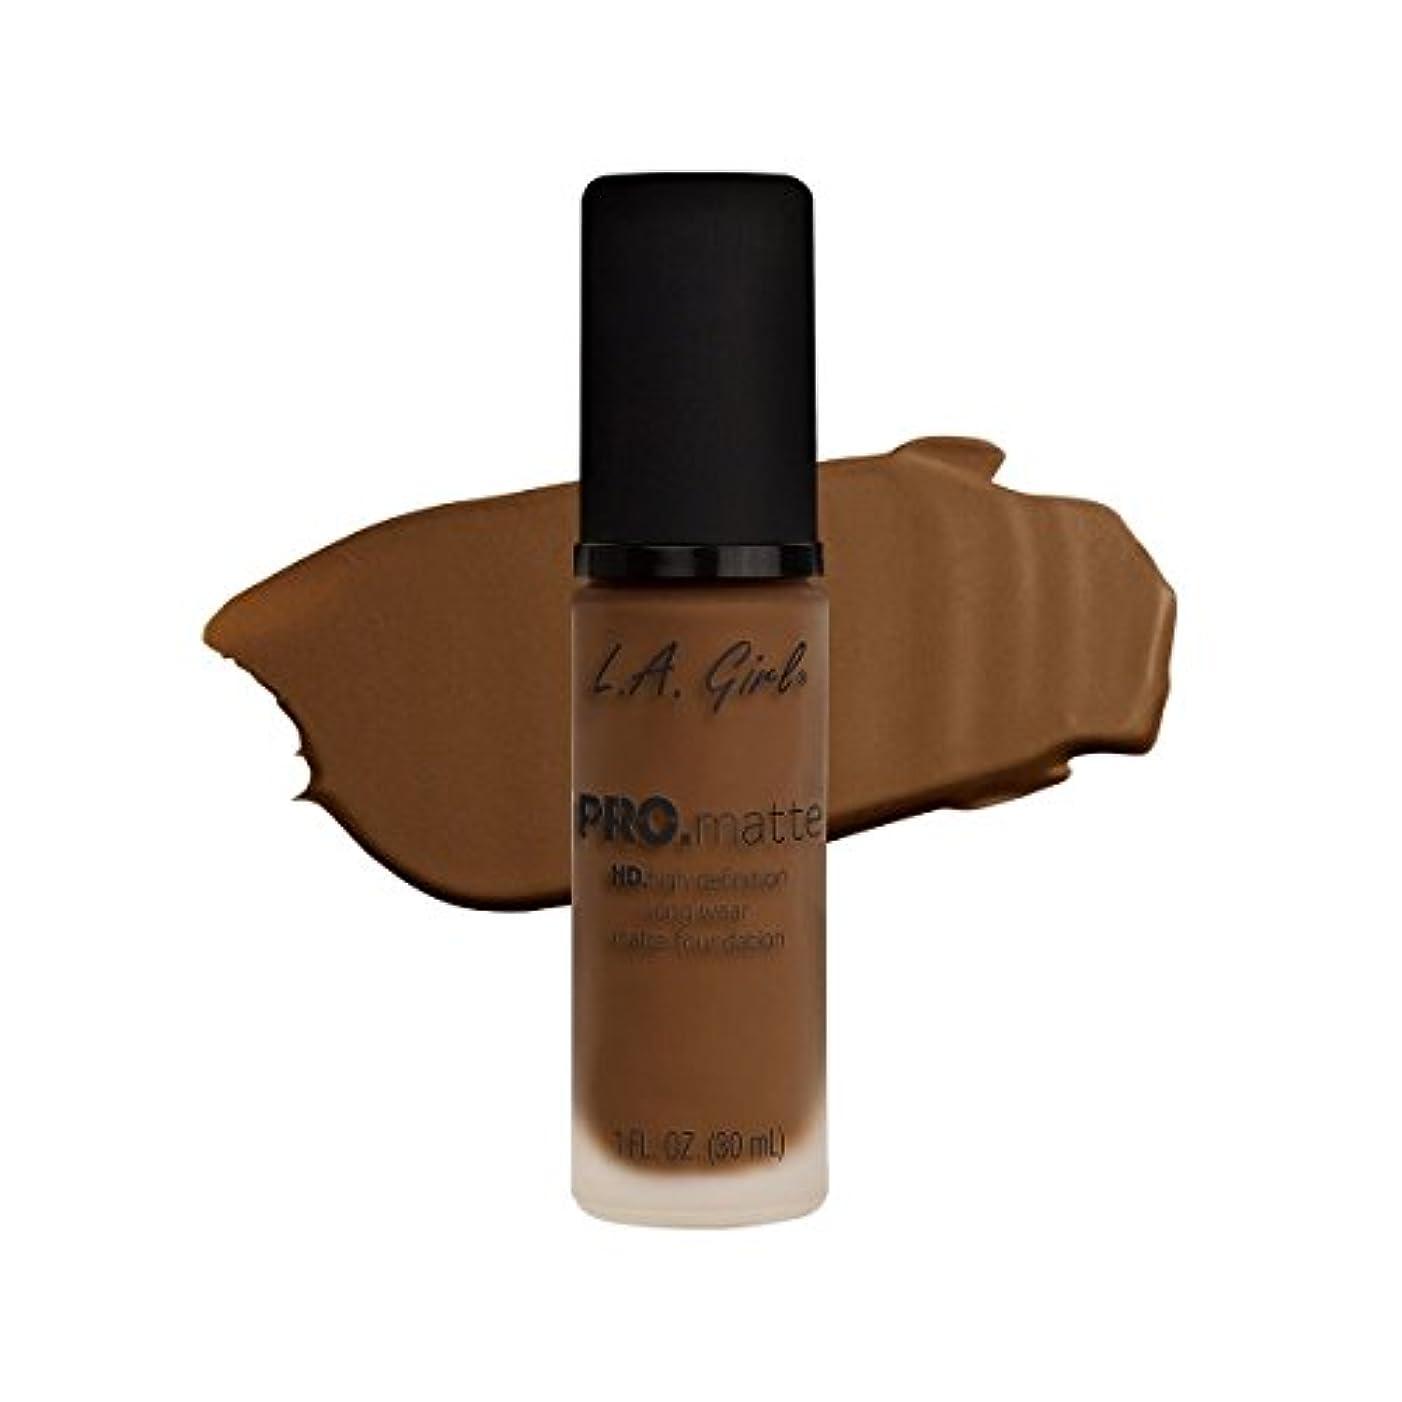 役に立たないガイダンス有効な(3 Pack) L.A. GIRL Pro Matte Foundation - Cappuccino (並行輸入品)